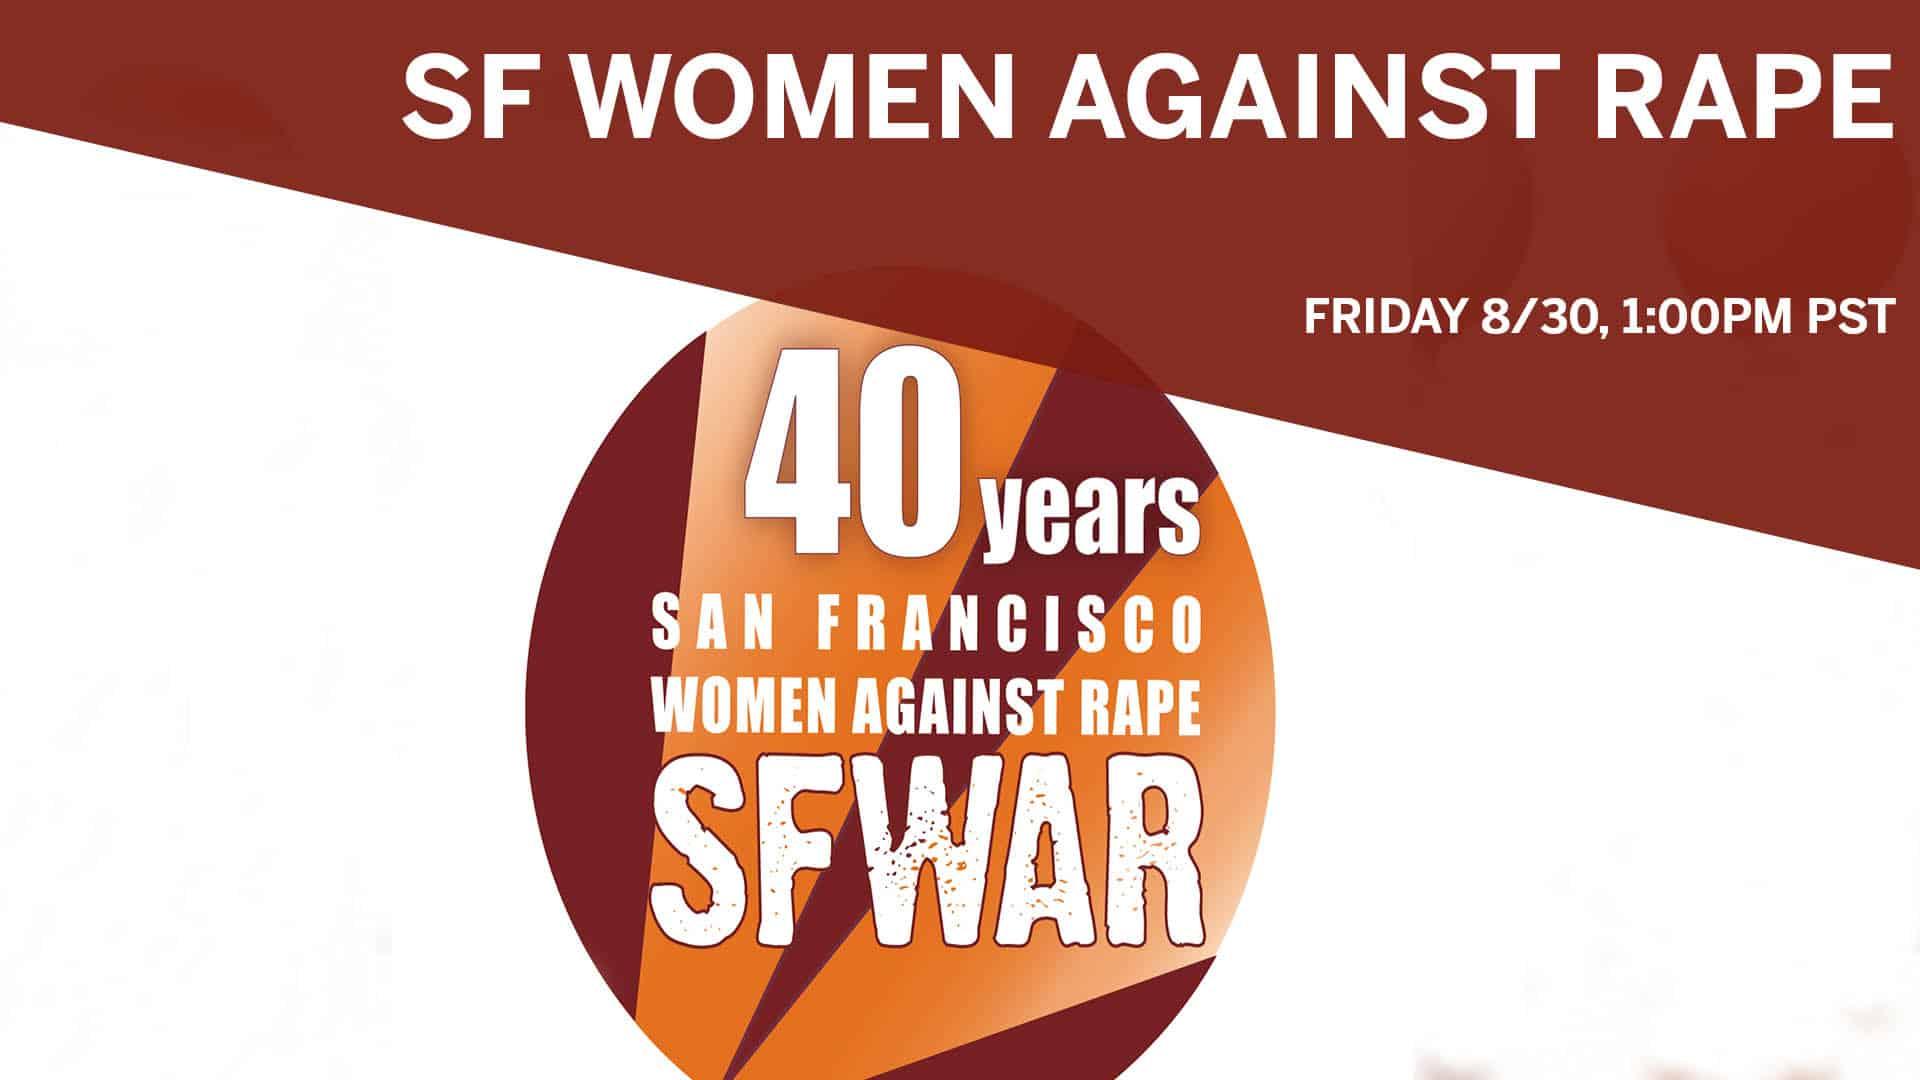 SF Women Against Rape - Aug 30th 2019